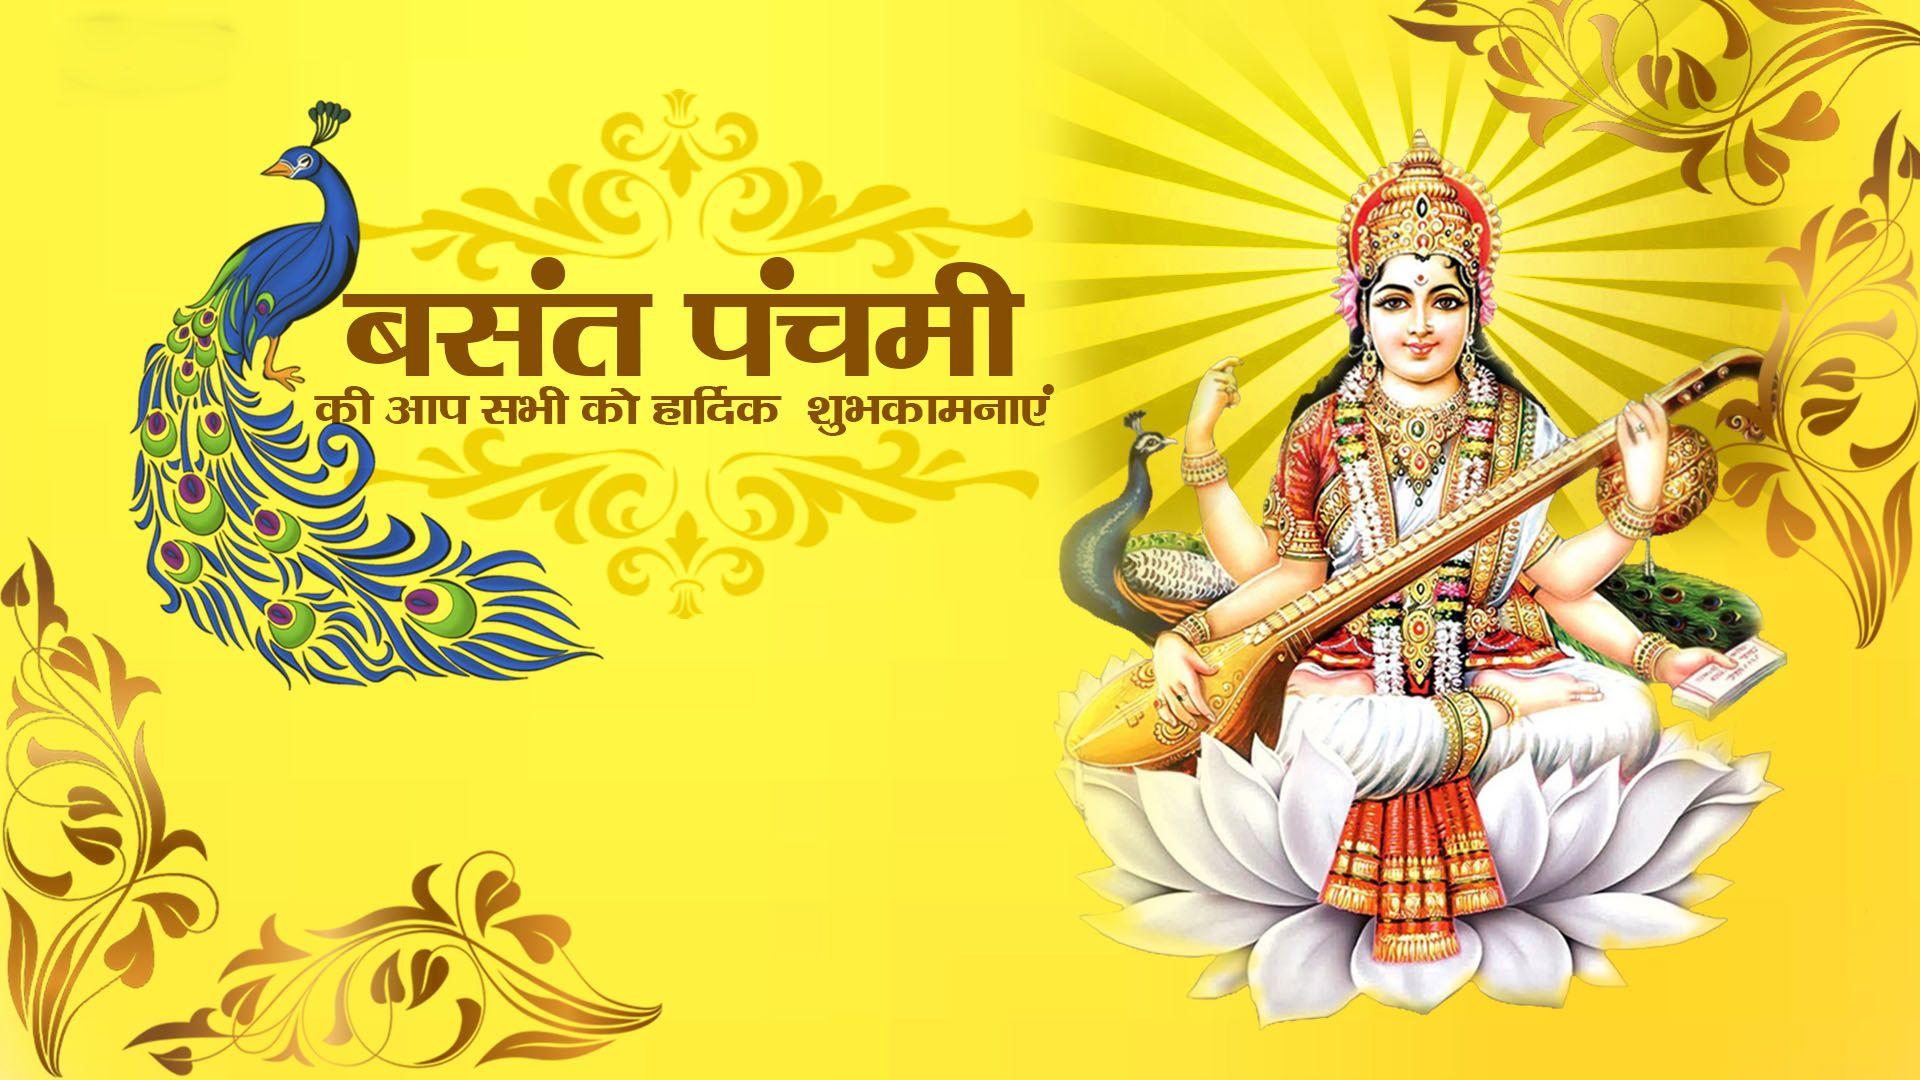 Vasant Panchami Hd Images In Hindi Basant Panchami Kids Learning Videos Image